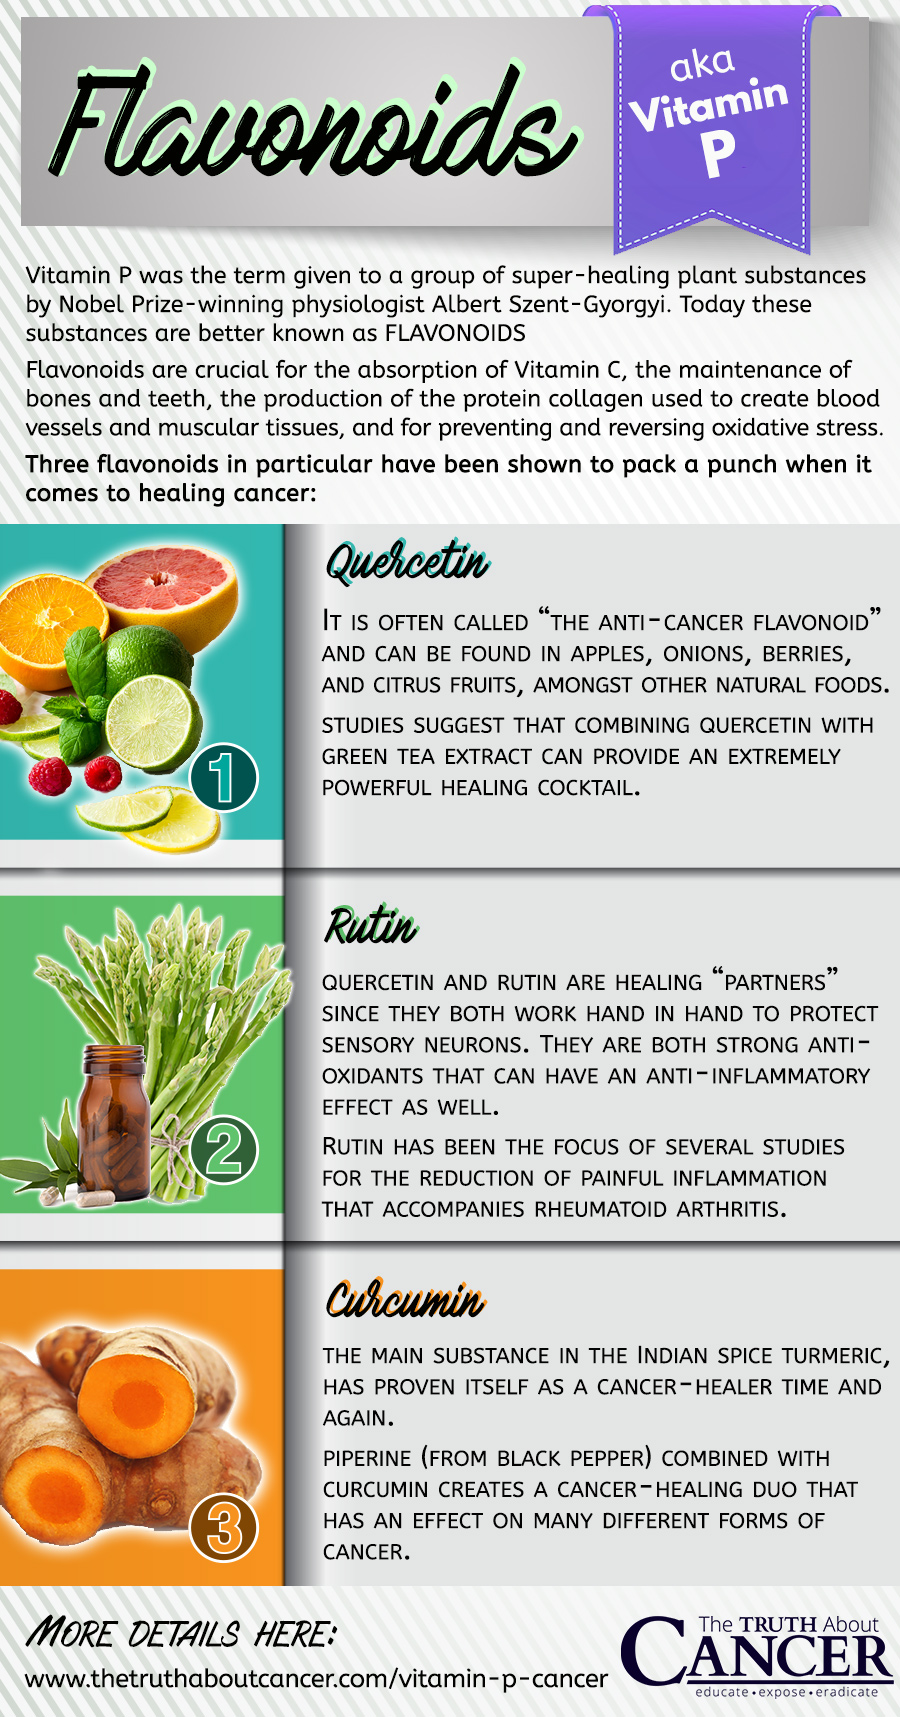 Flavonoids-vitamin-p